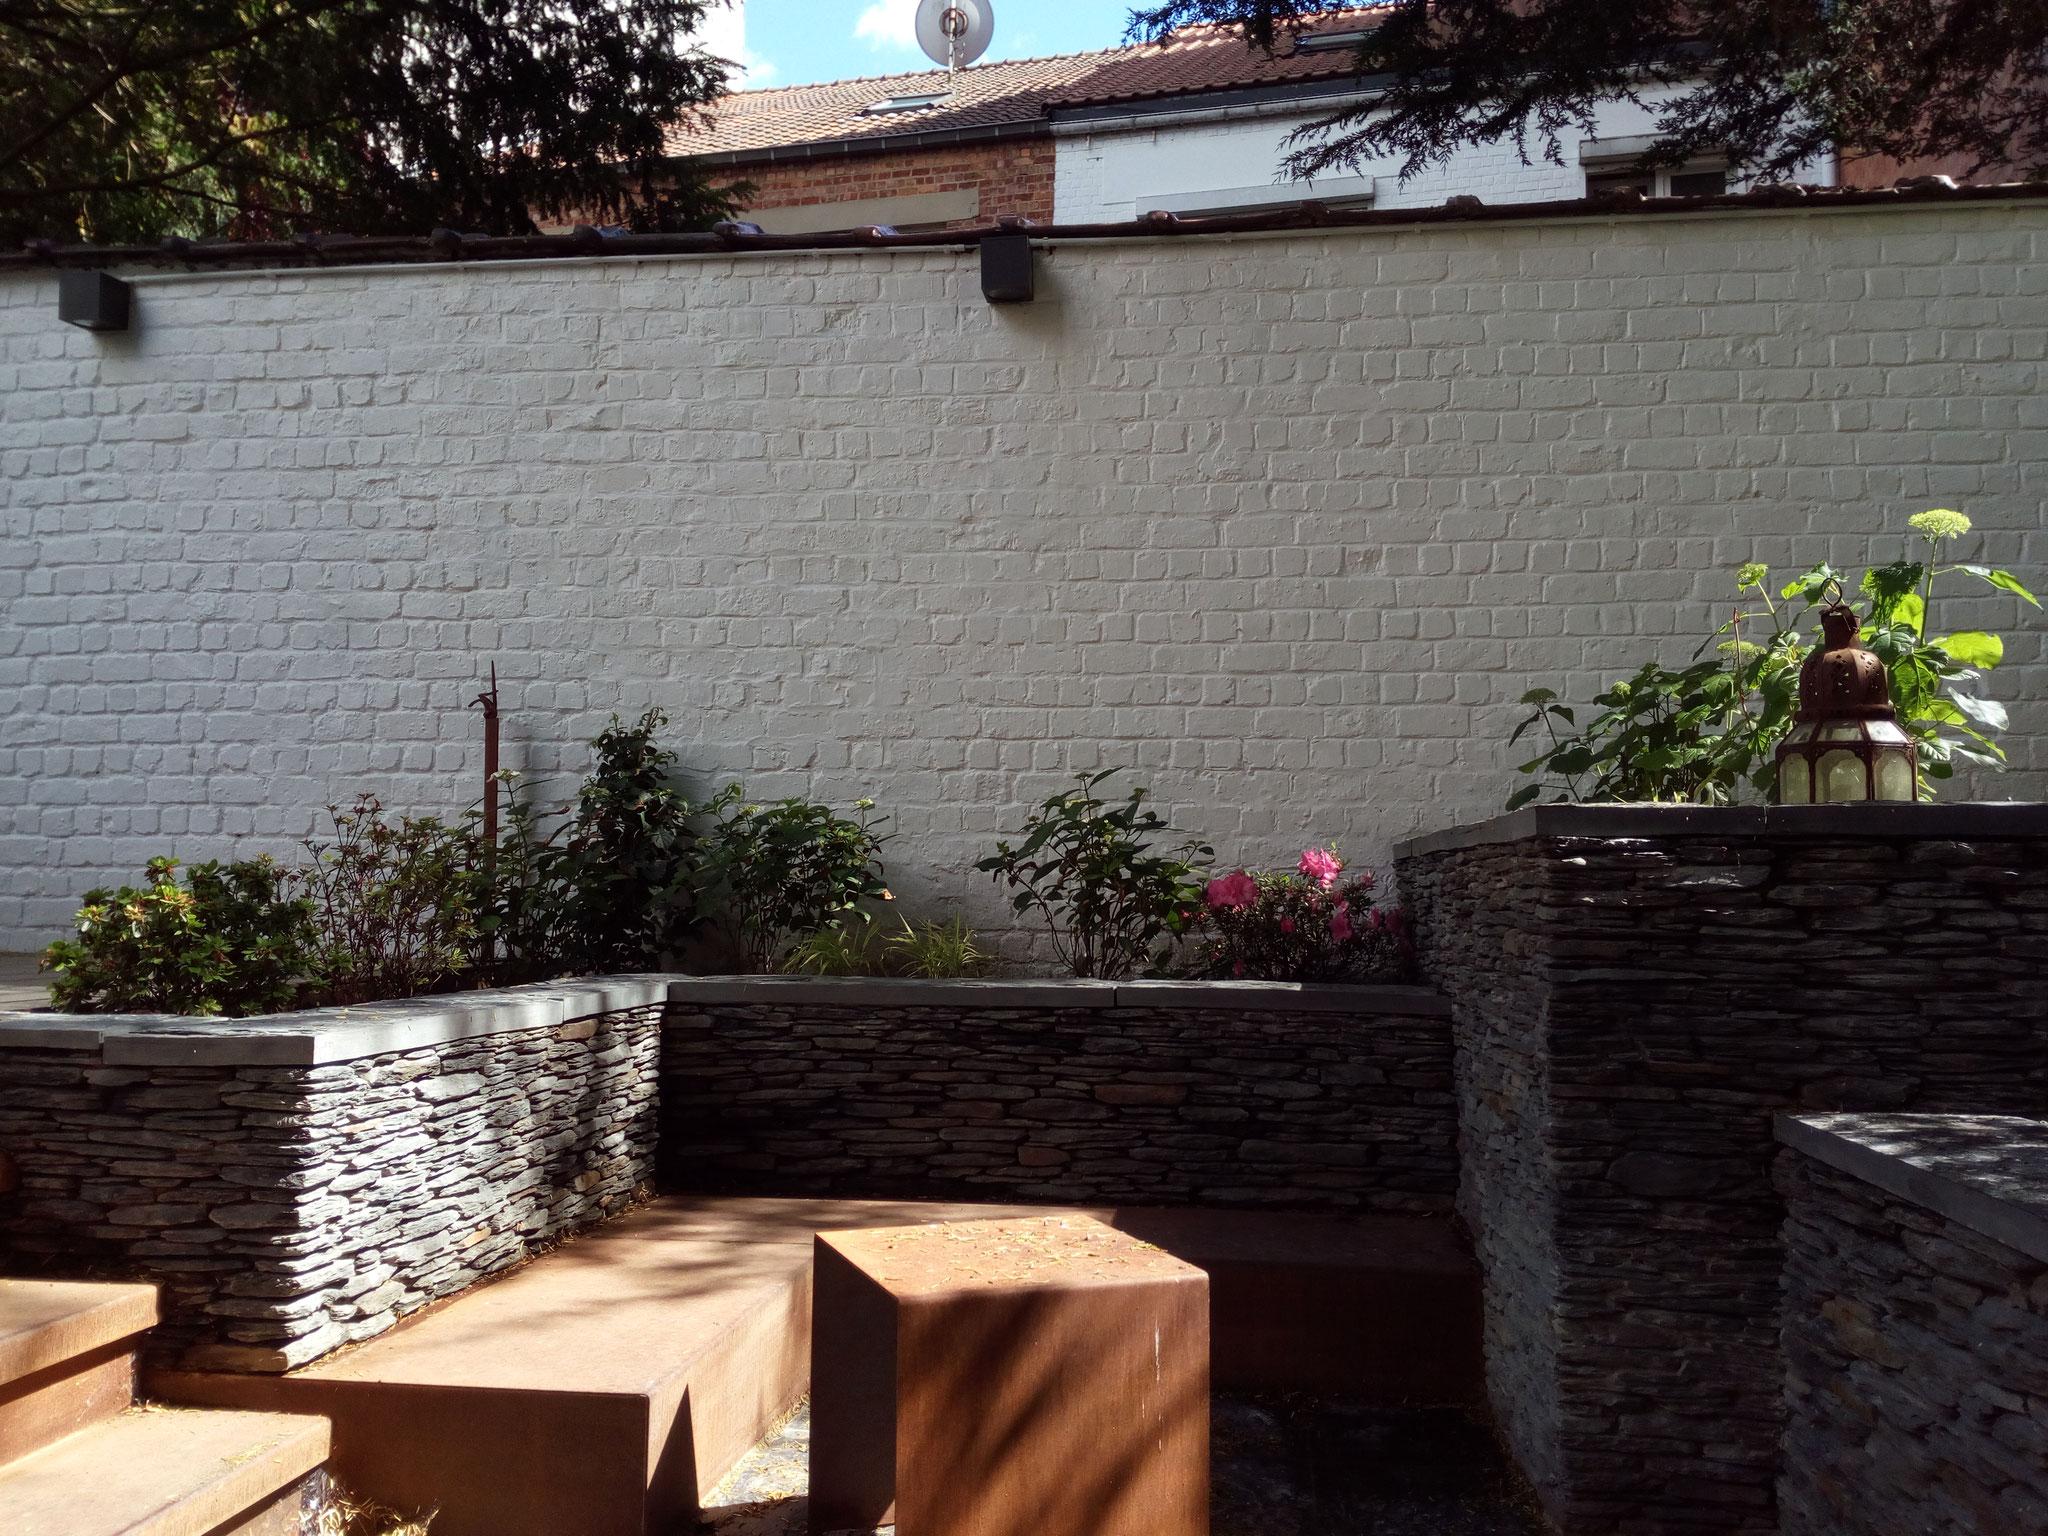 Cour sur 4 niveaux - Niveau du bas - Banquettes en Corten - Amenagement jardin Bruxelles